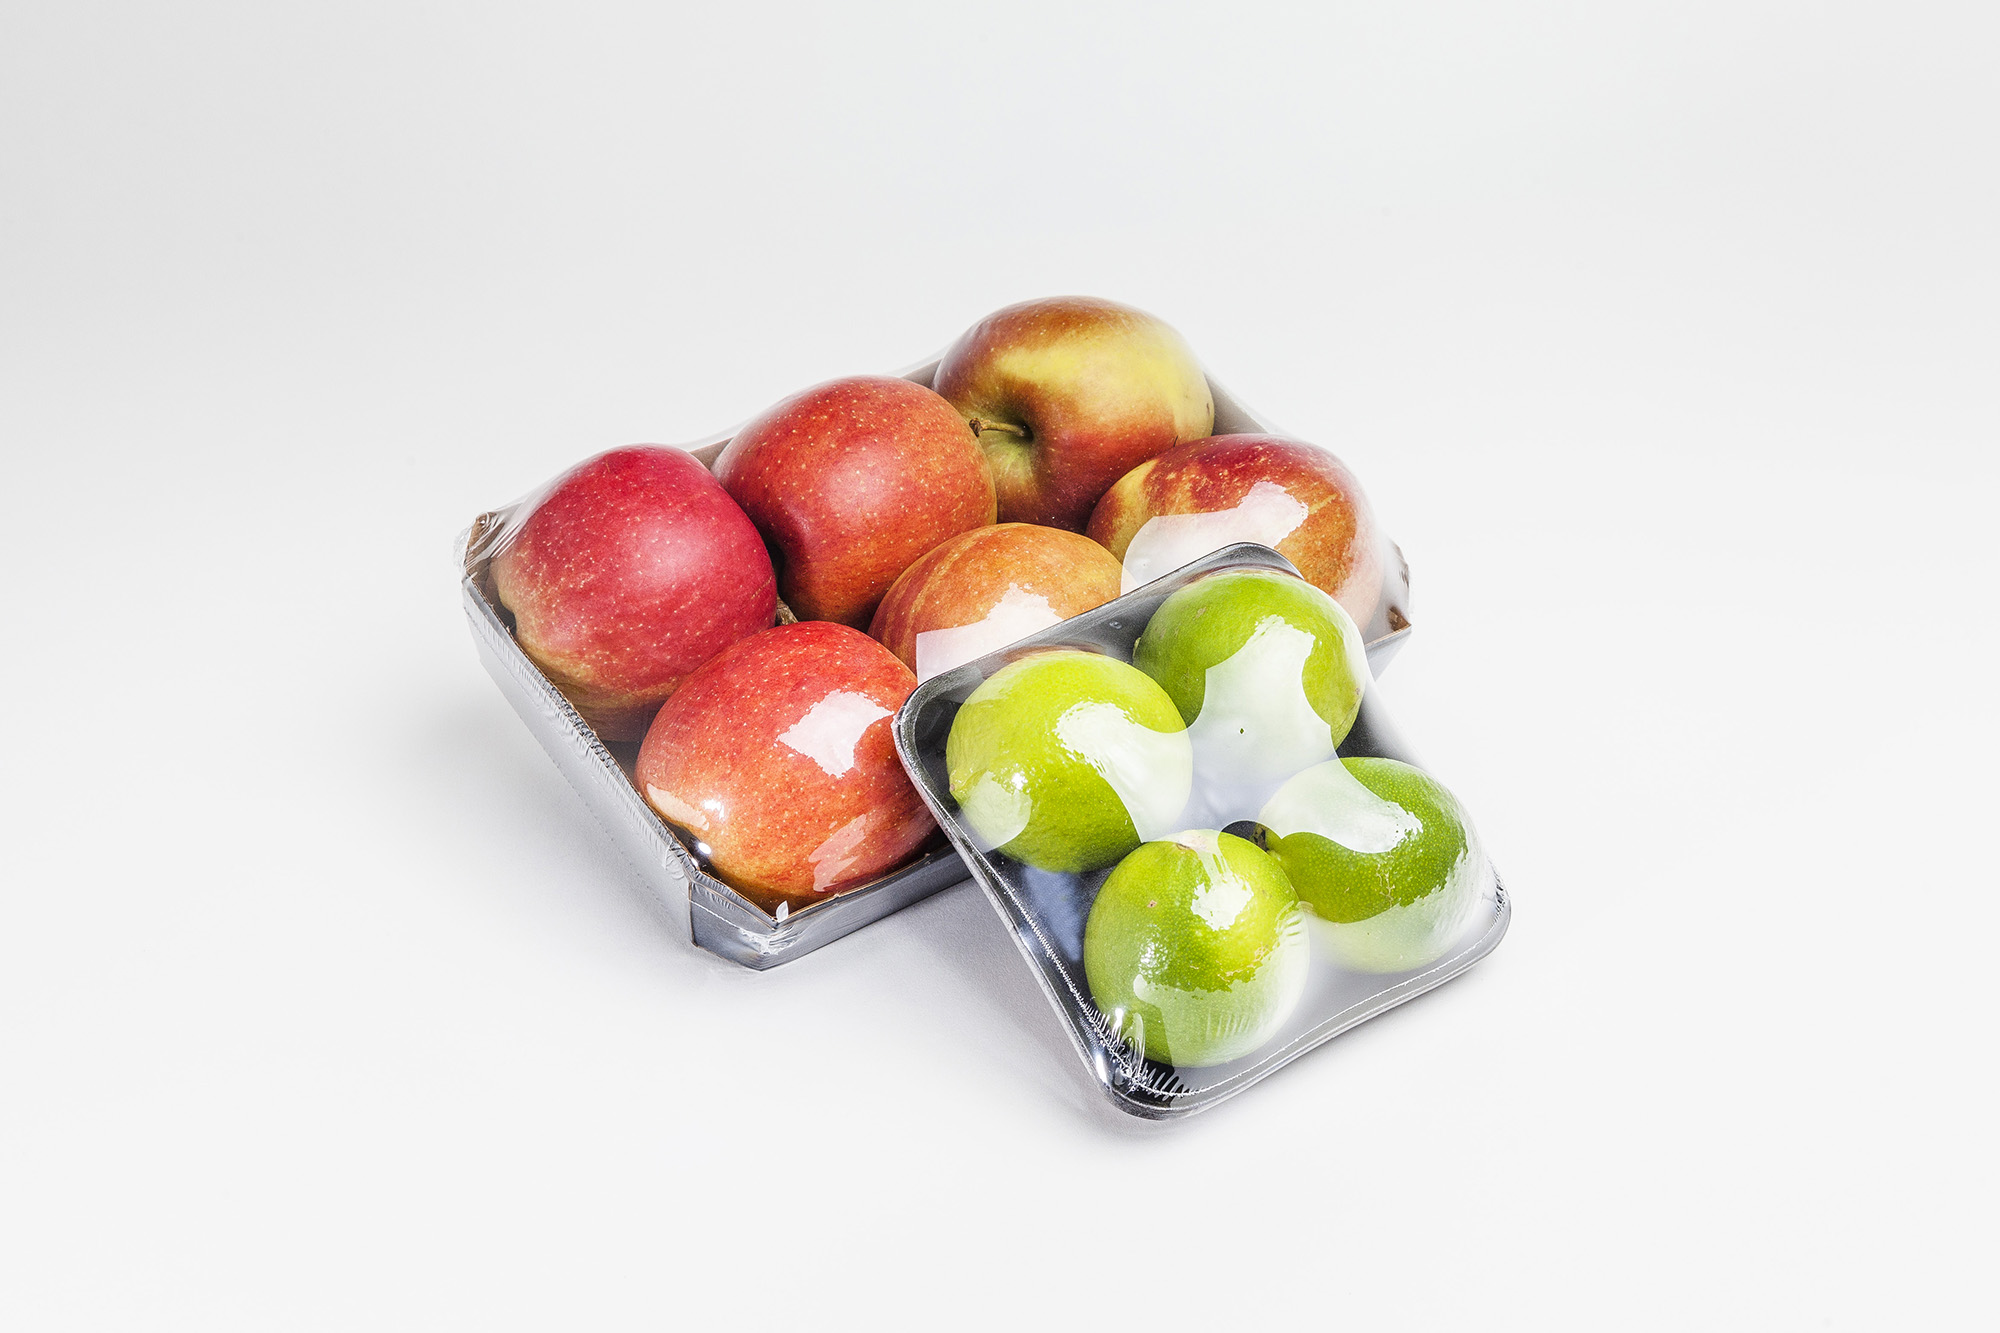 jabłka i owoce pakowane w folię